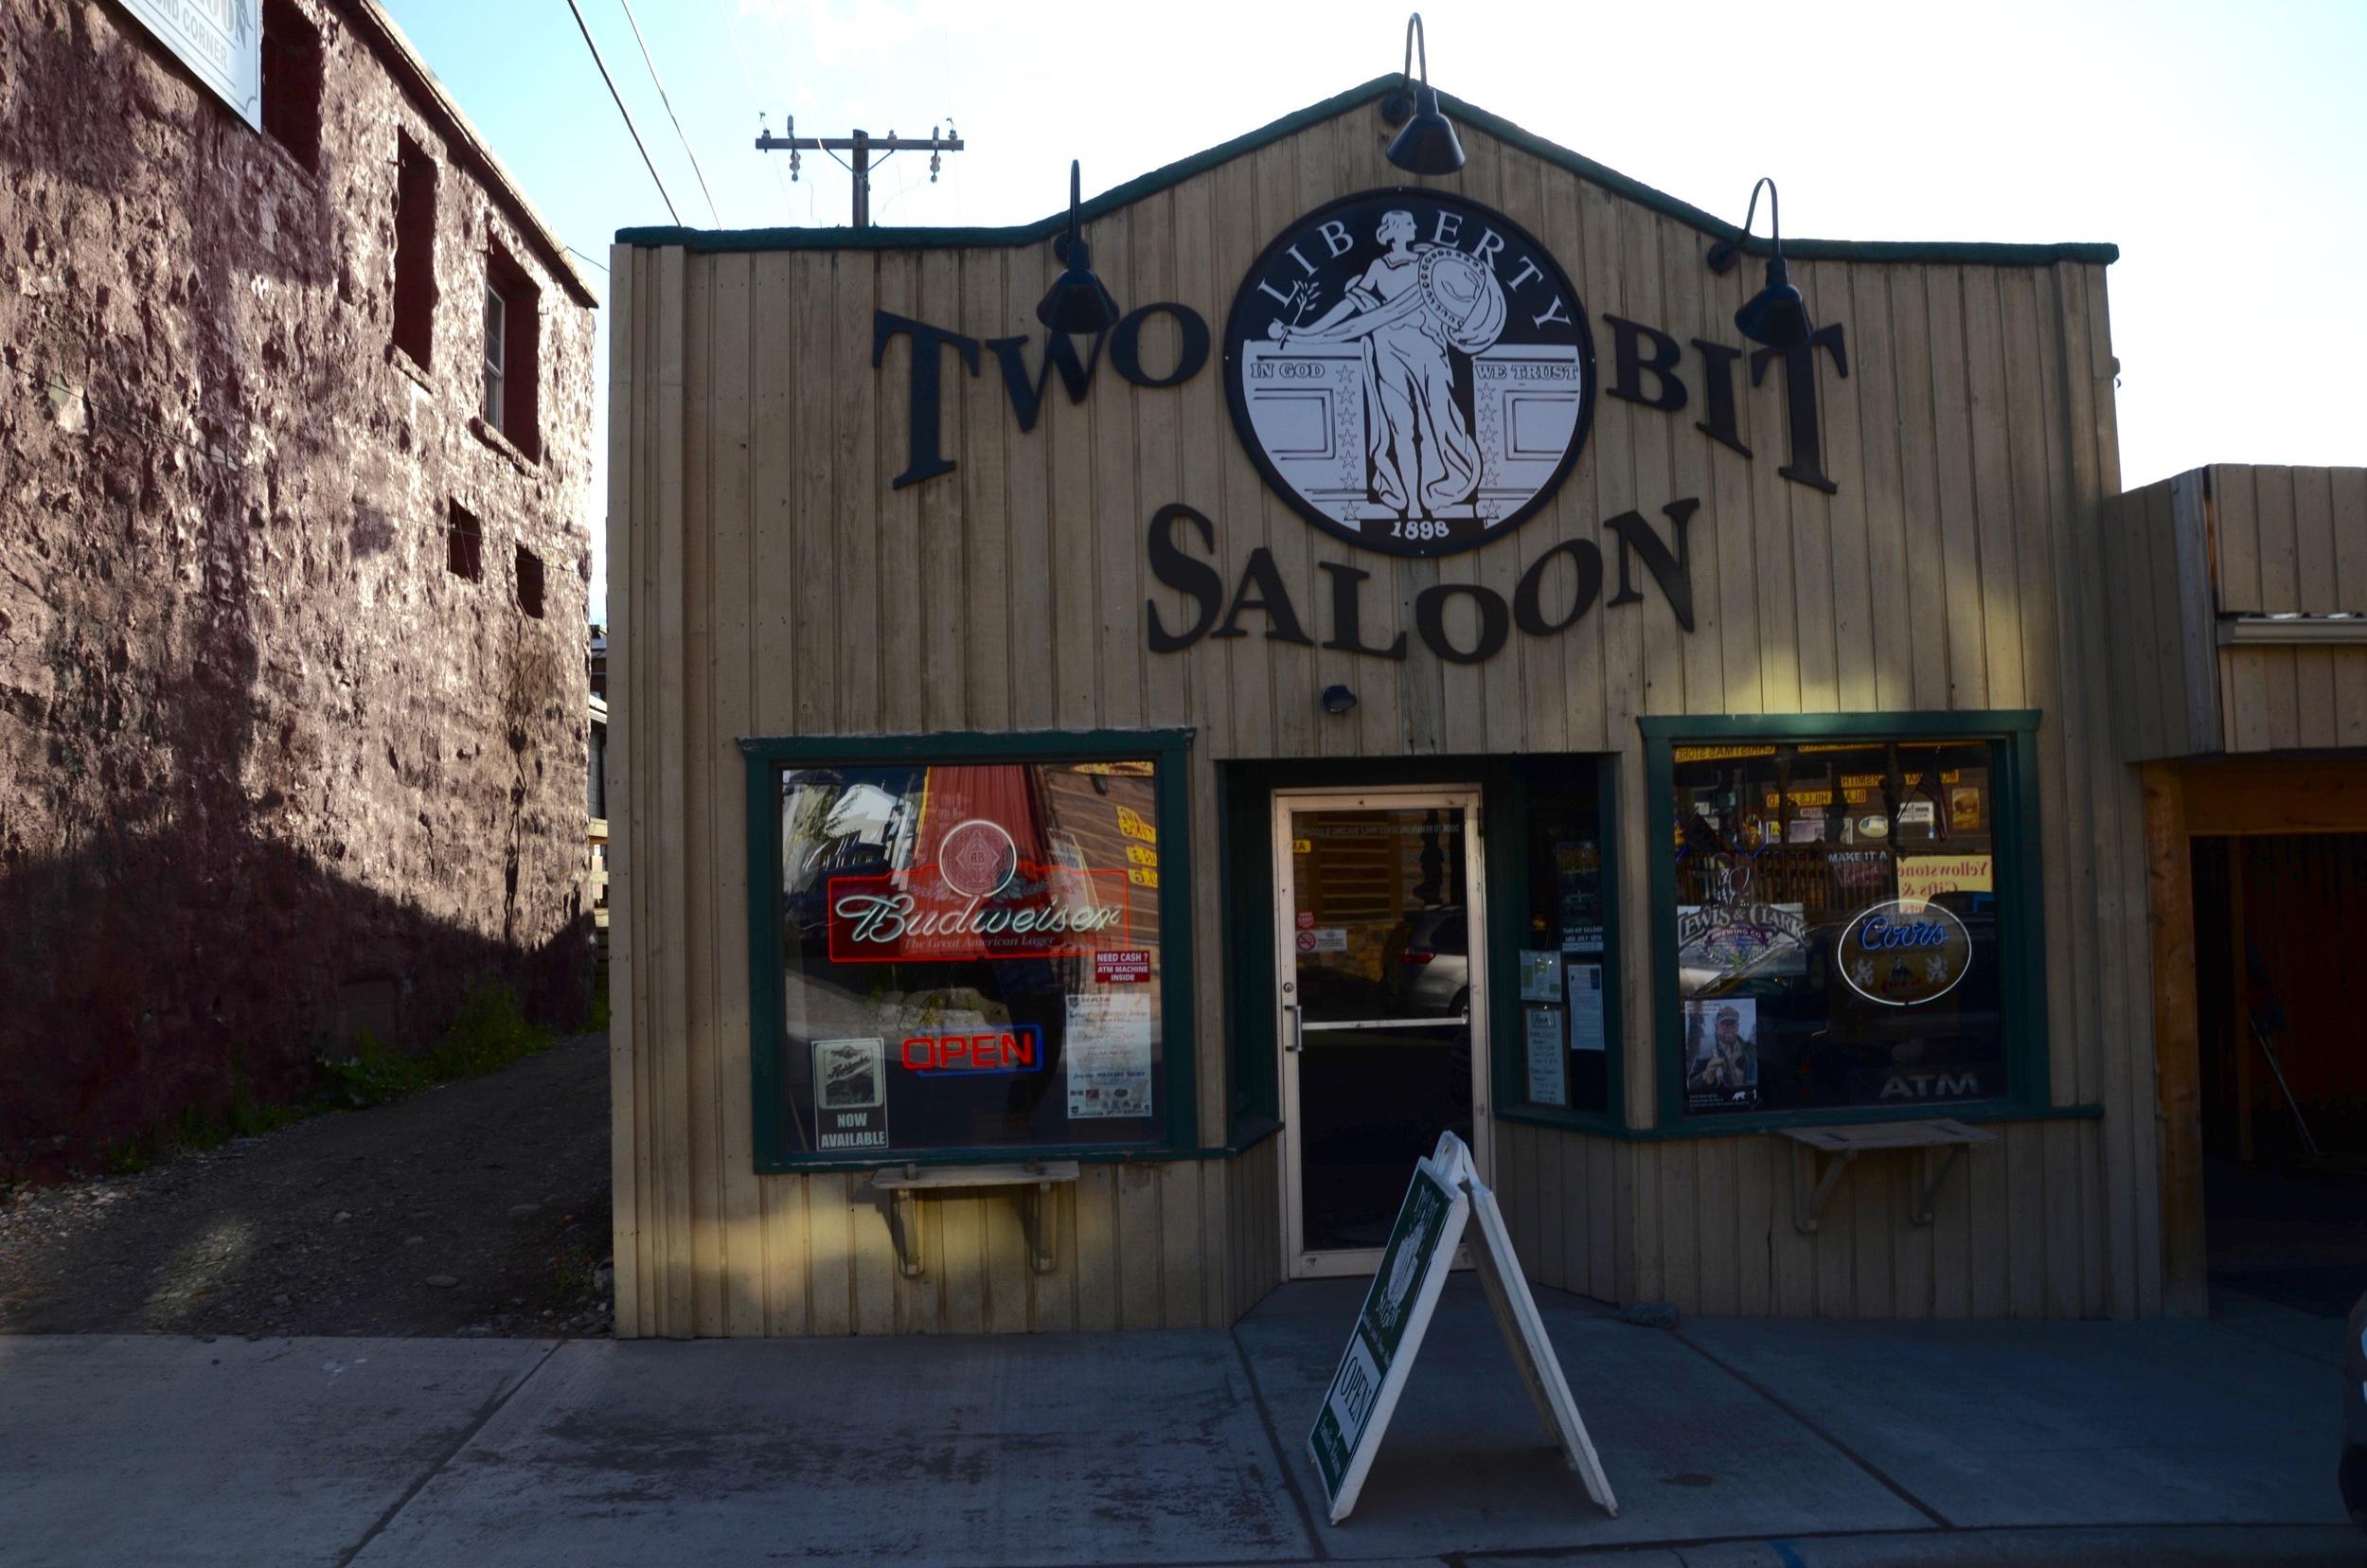 Two Bit Saloon